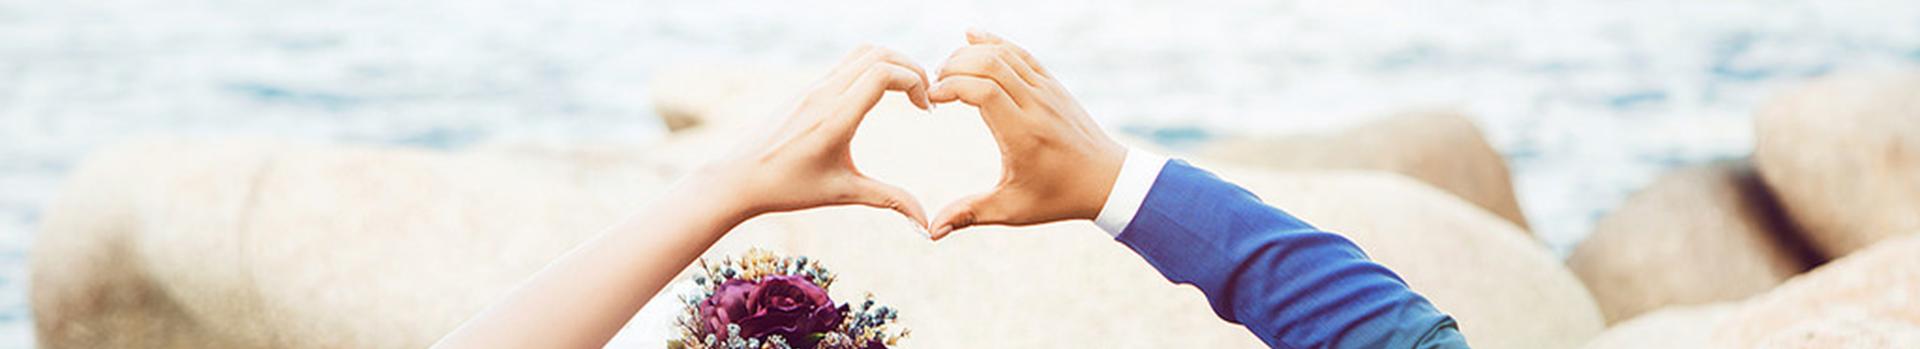 Свадьба на острове Фукуок:<br>Хошимин, Фукуок, Хошимин